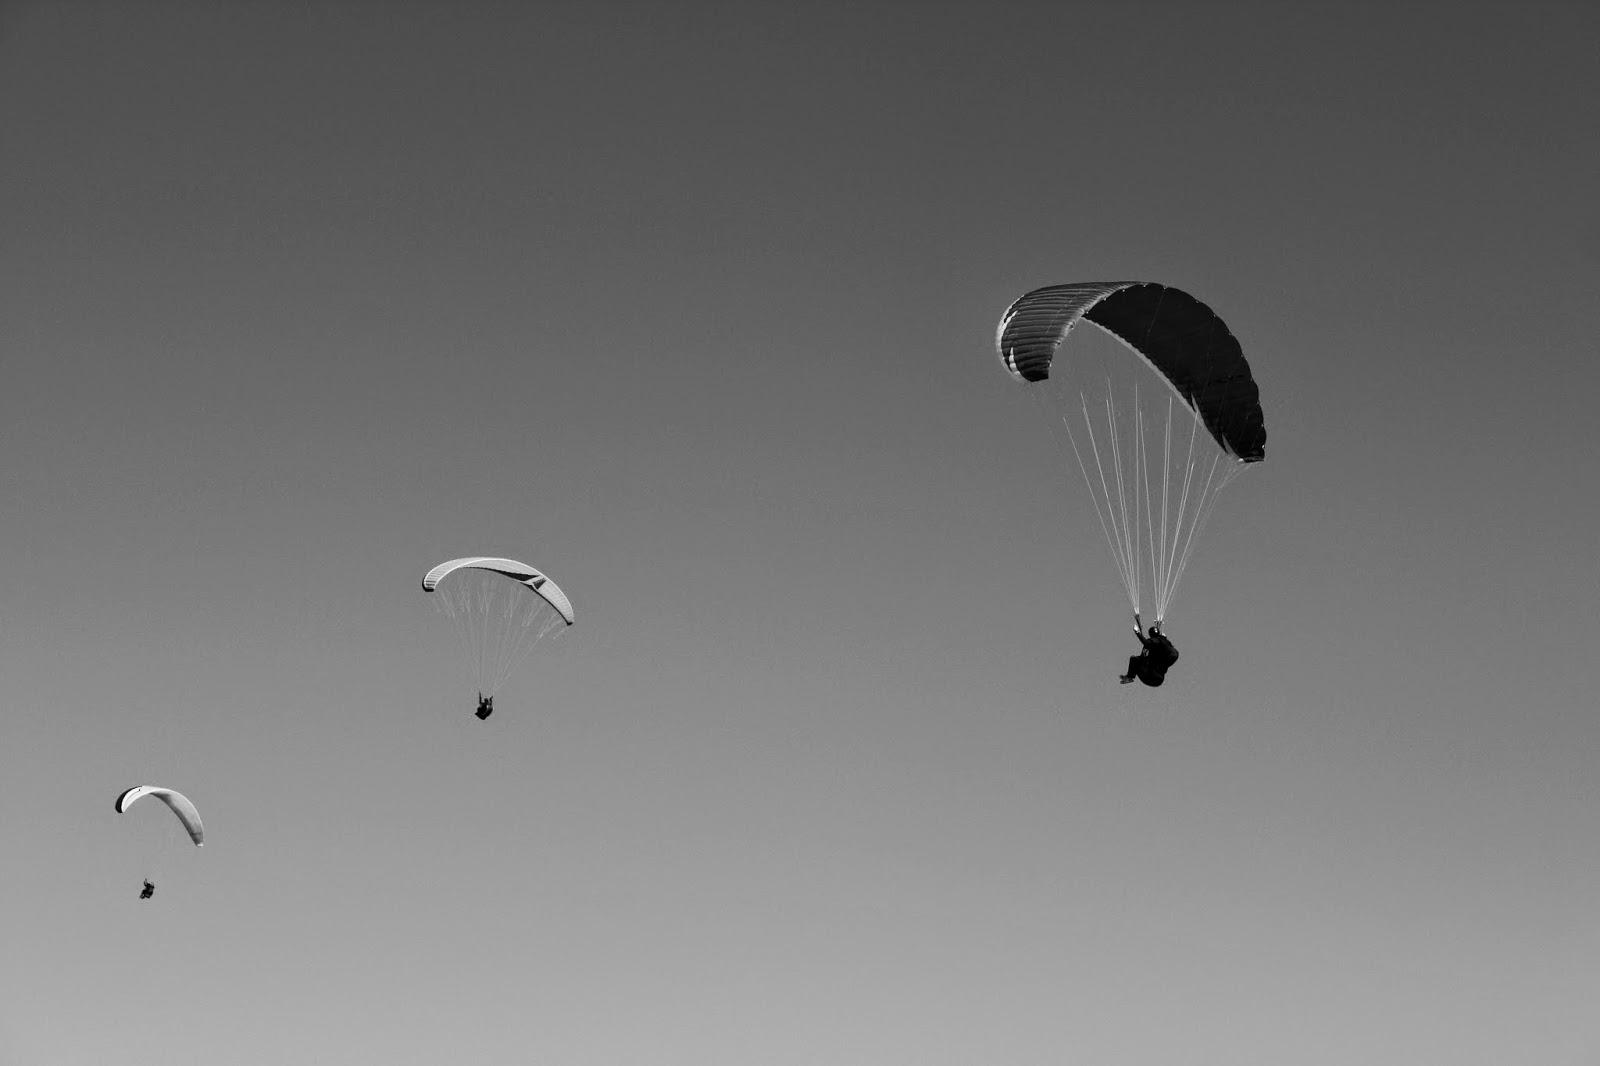 Parapentes en noir et blanc